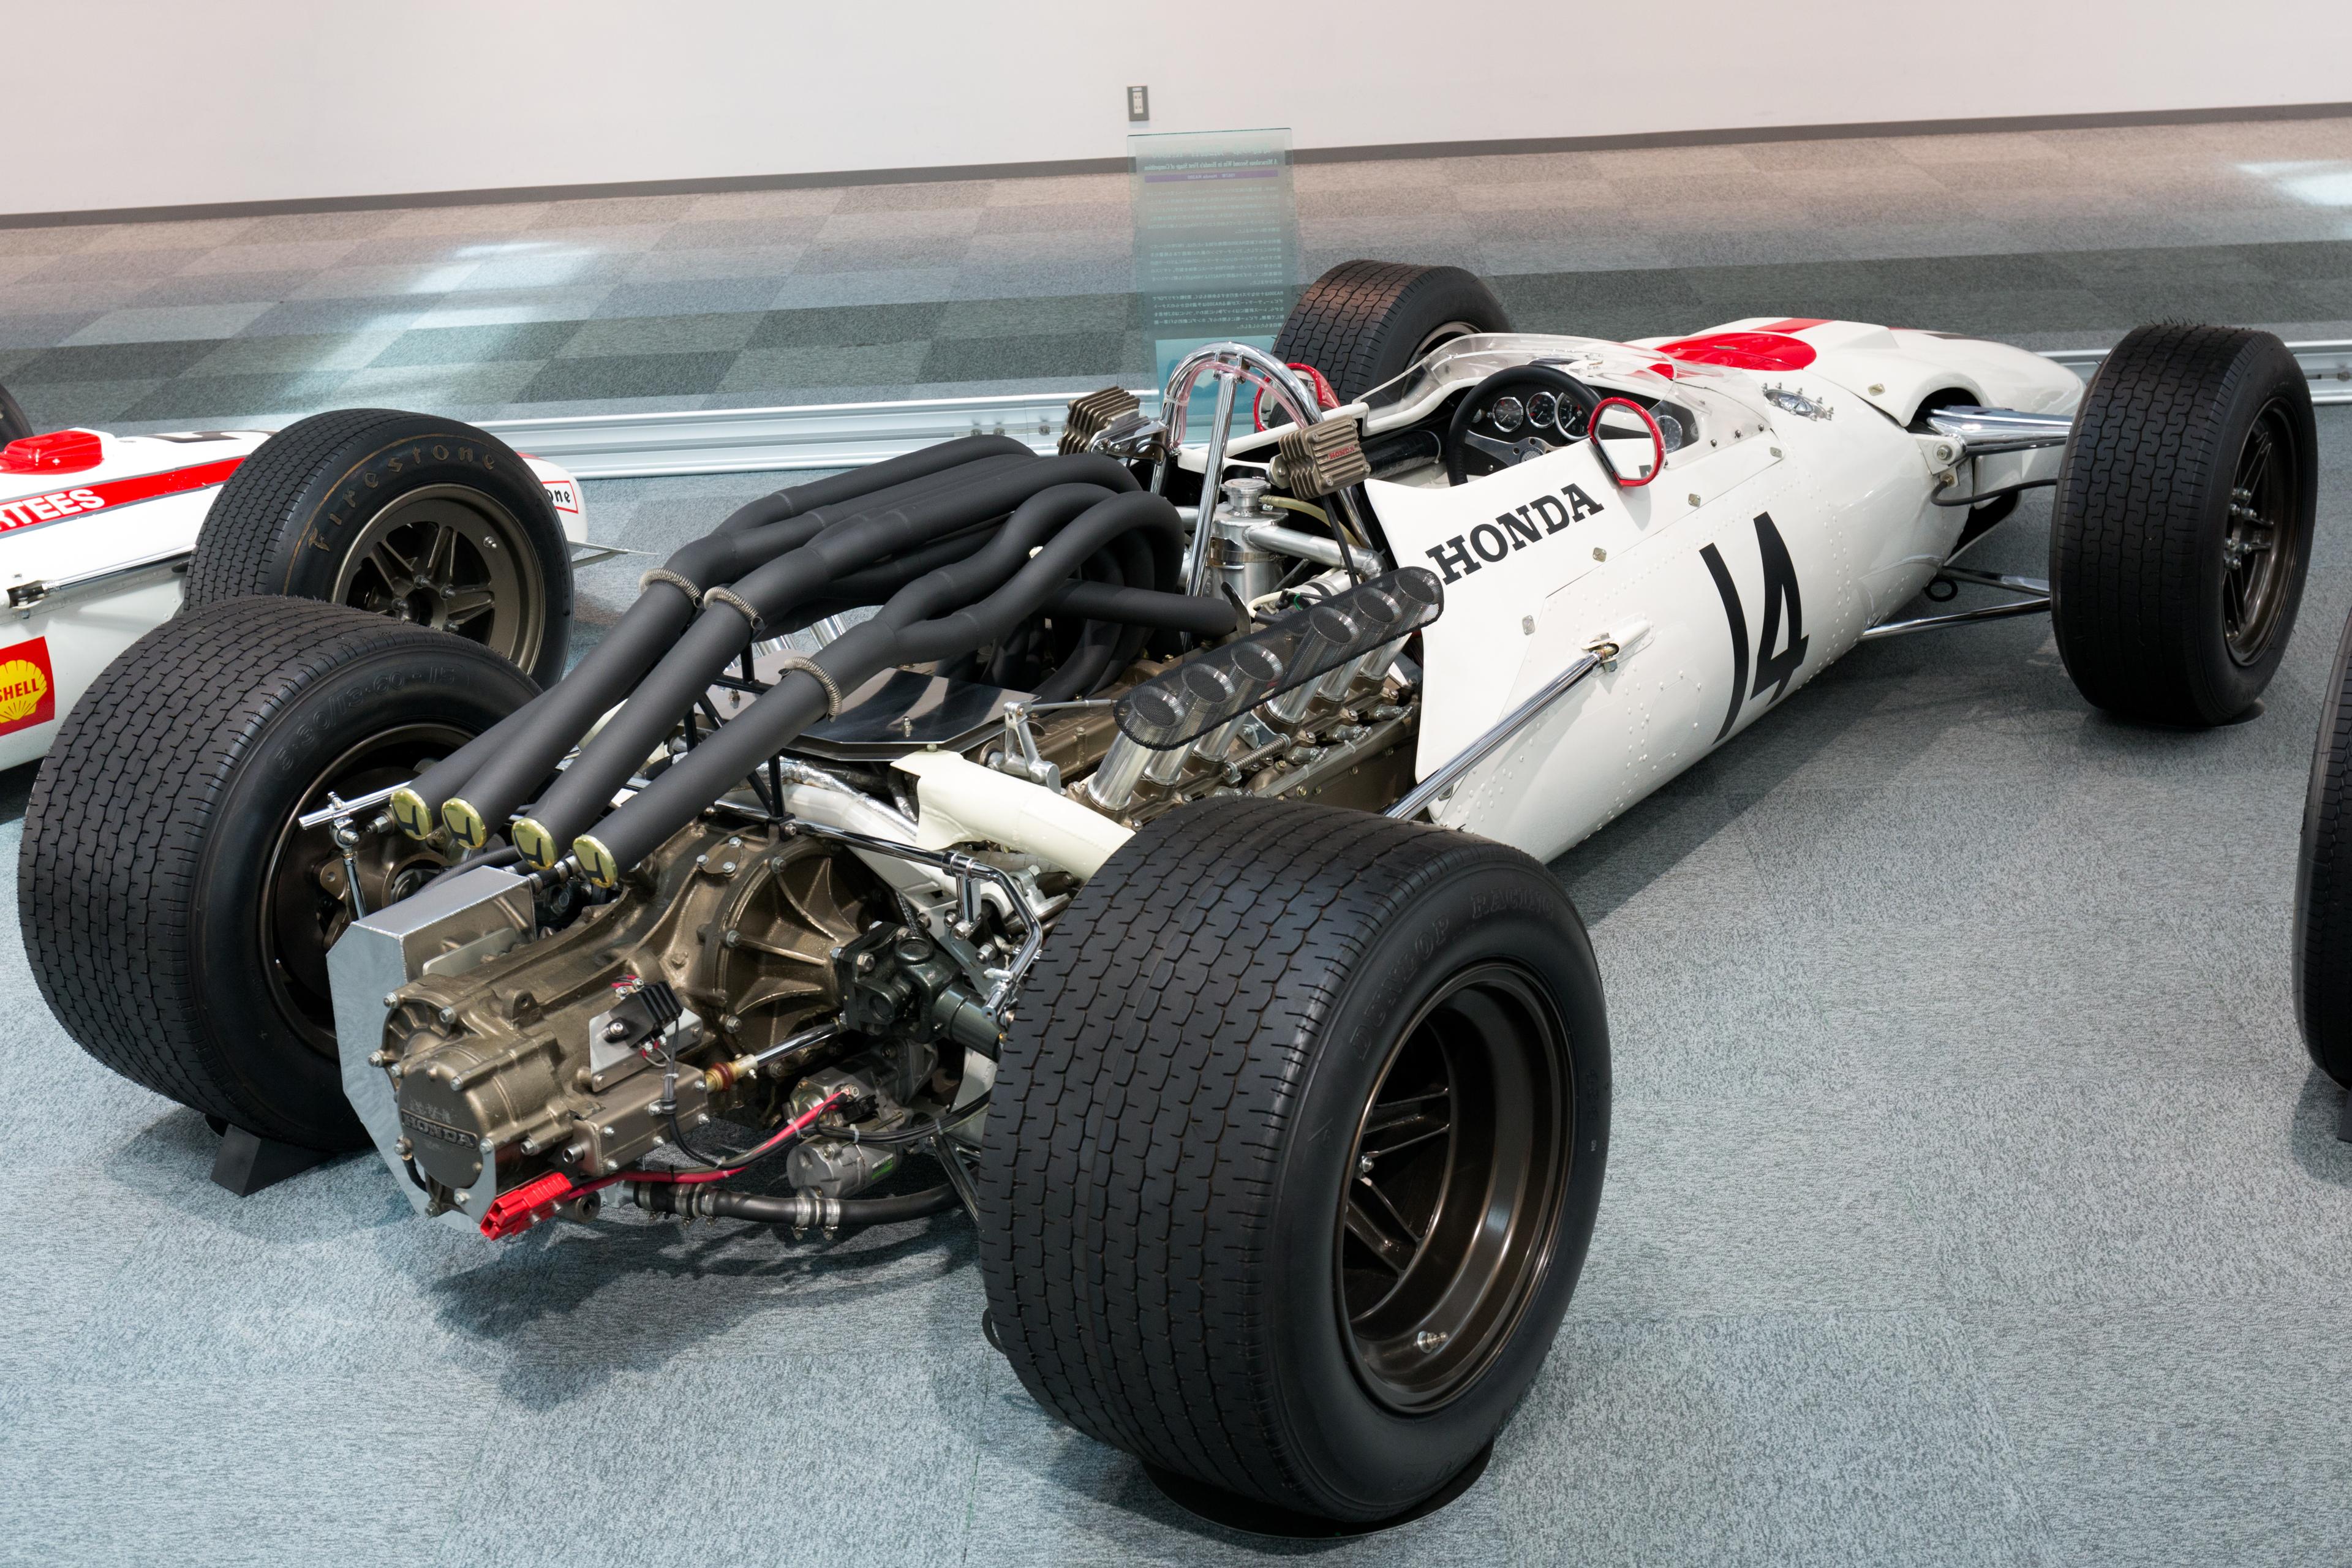 Build A Honda >> File:Honda RA300 rear-right Honda Collection Hall.jpg - Wikimedia Commons